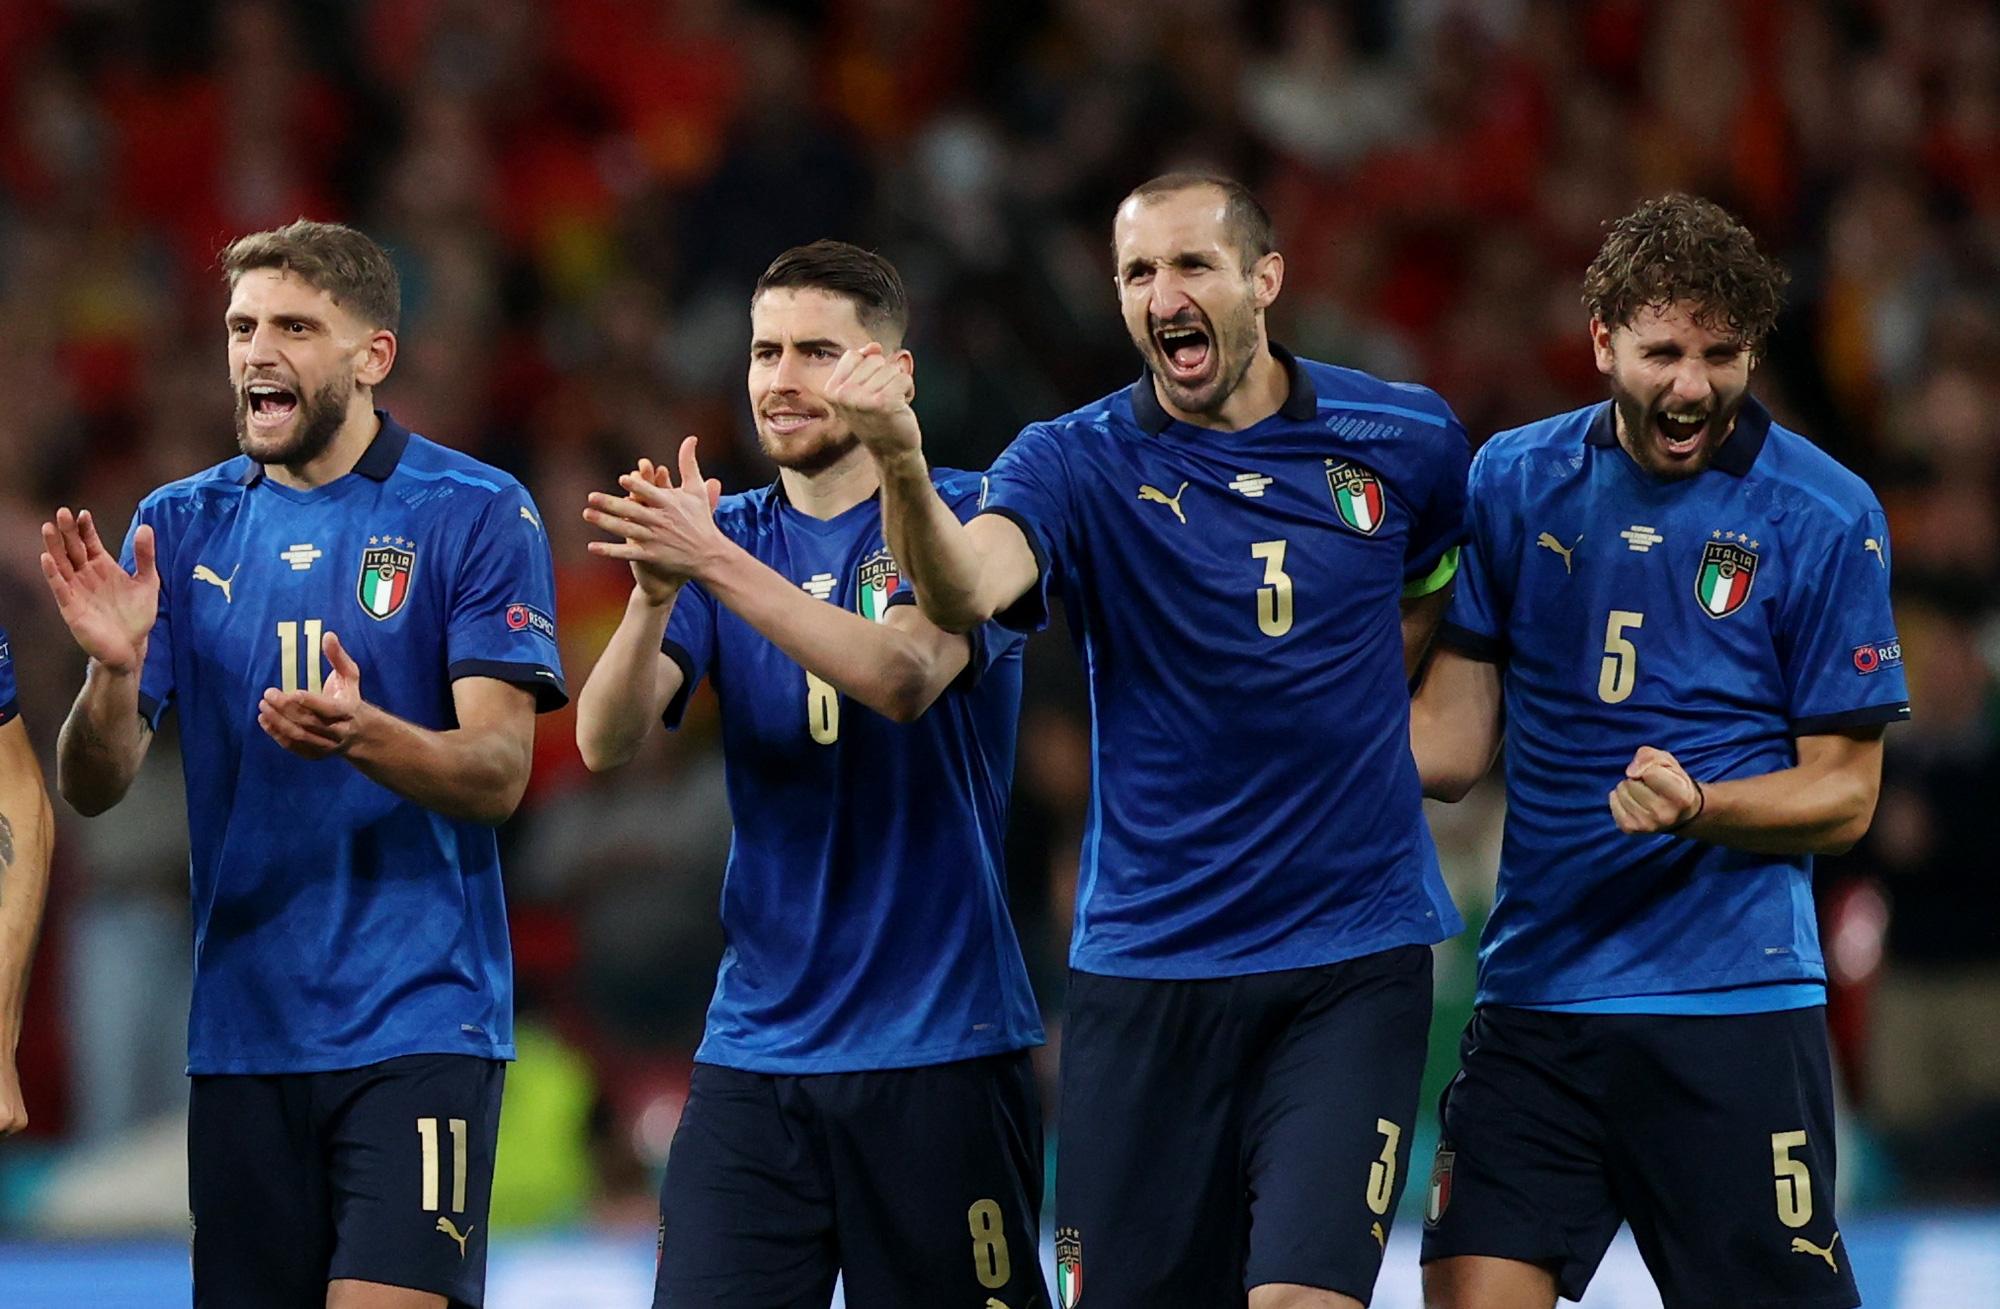 Mặc dù được đánh giá cao hơn tuyển Anh nhưng Chiellini vẫn dành cho đối thủ lời khen có cánh